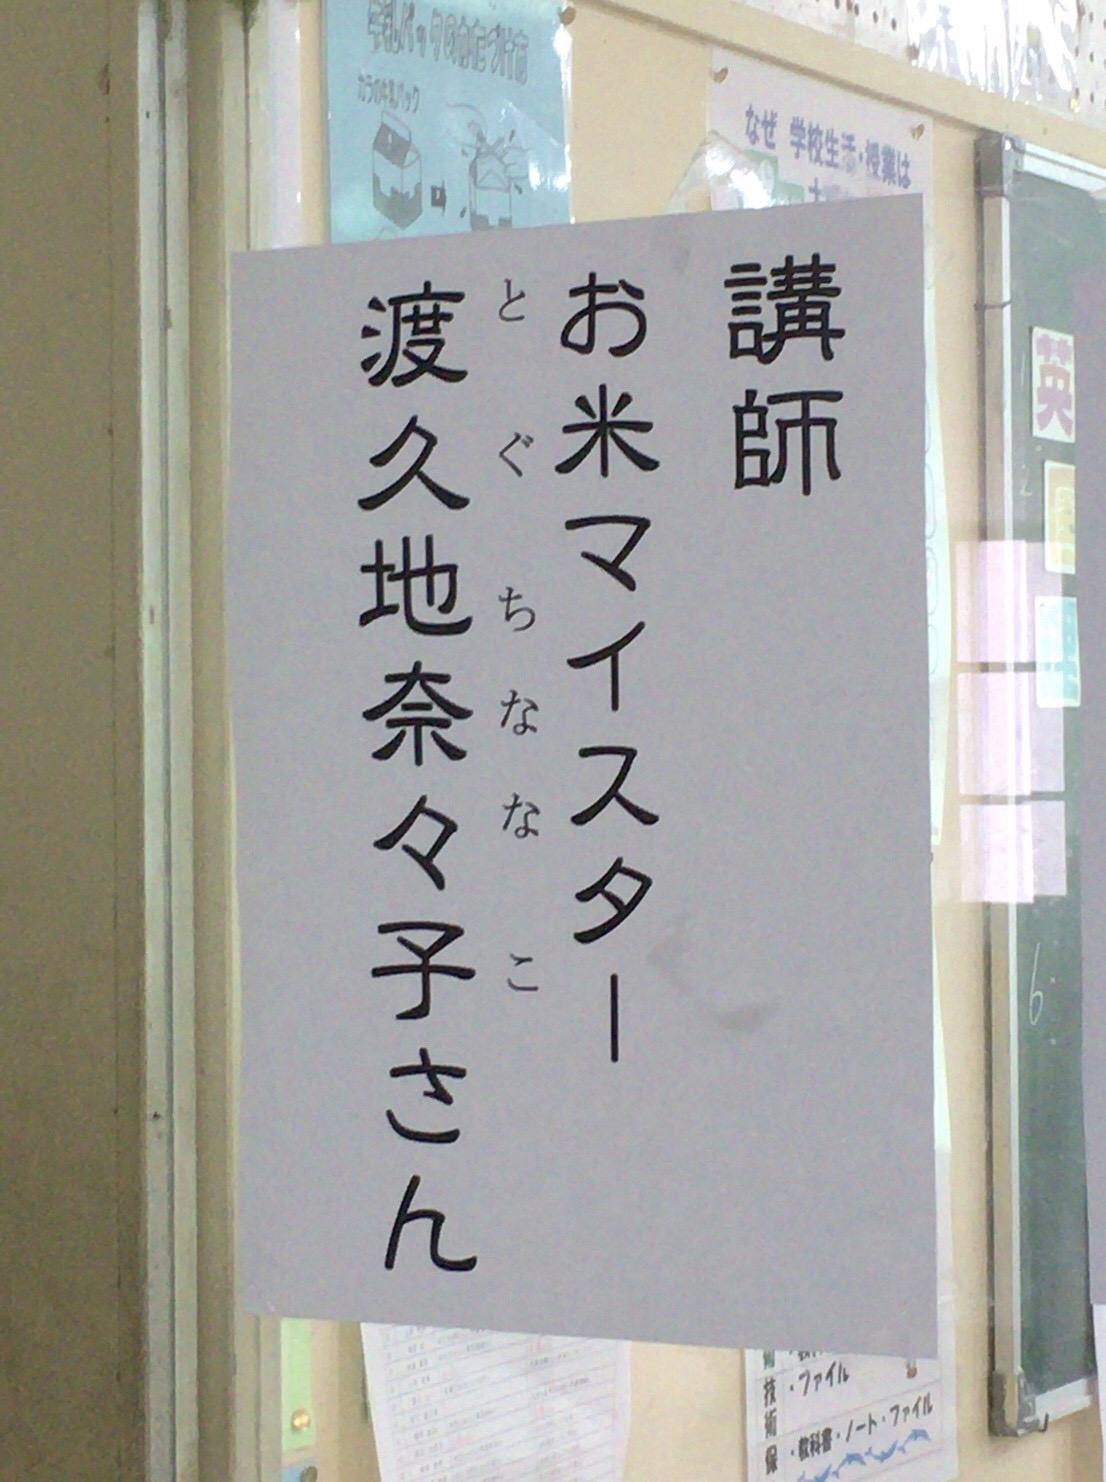 お米マイスターの渡久地奈々子がお米講座